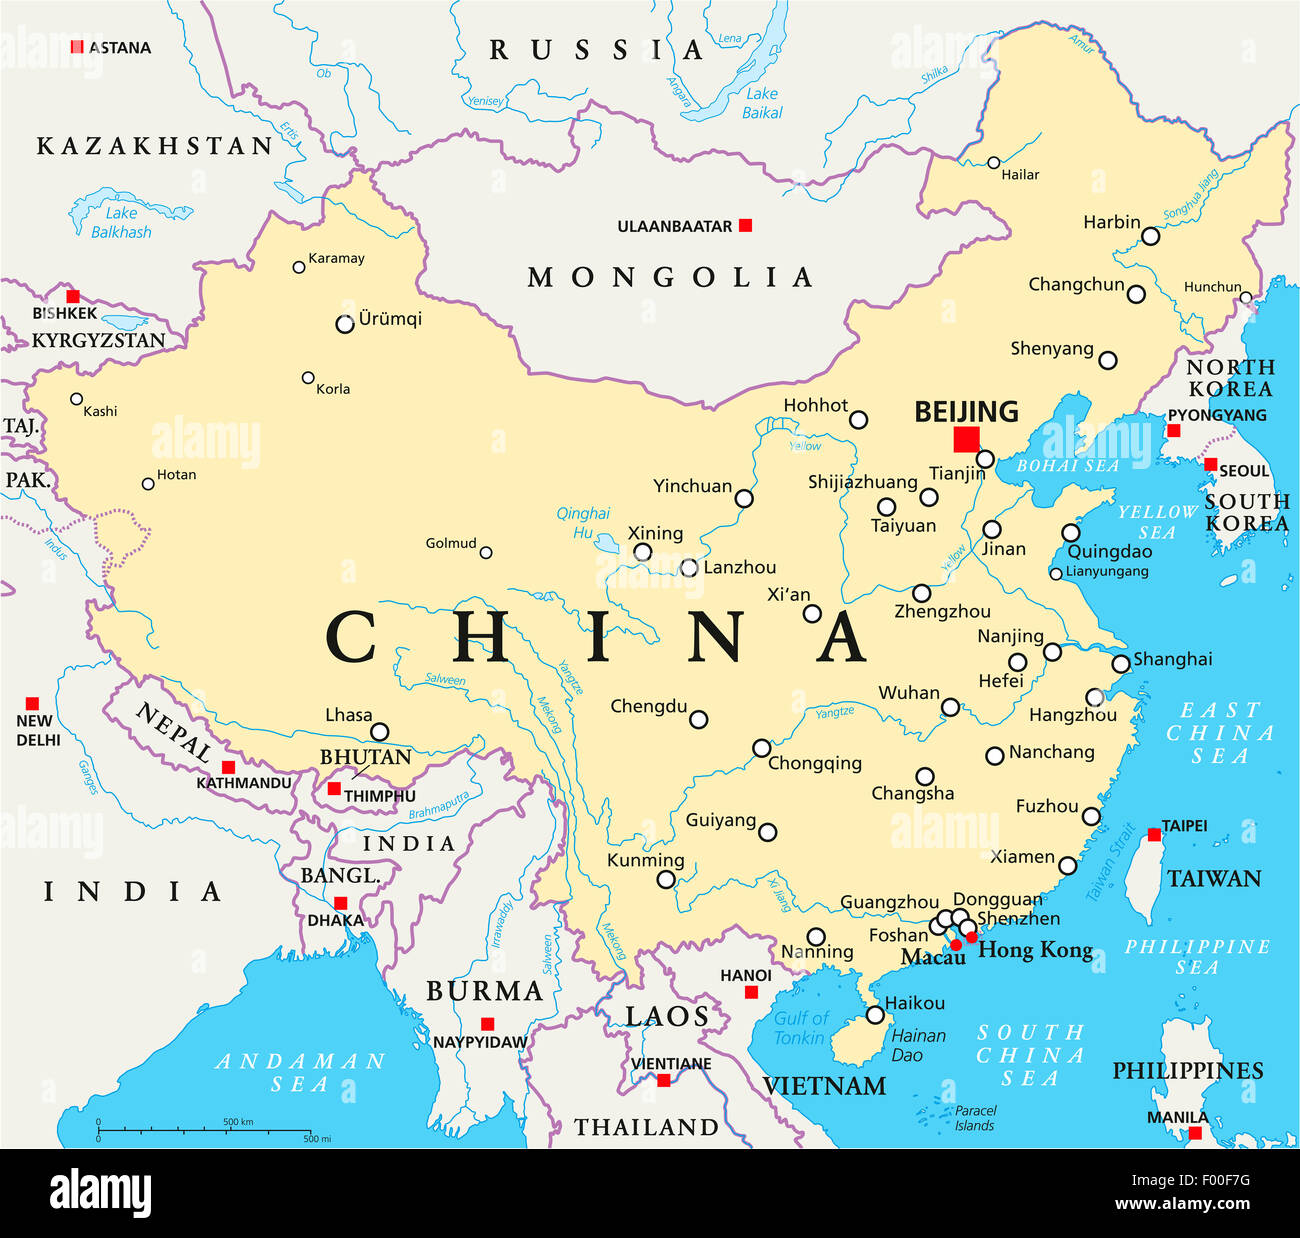 peking karte china China Landkarte mit Hauptstadt Peking, Landesgrenzen, wichtige